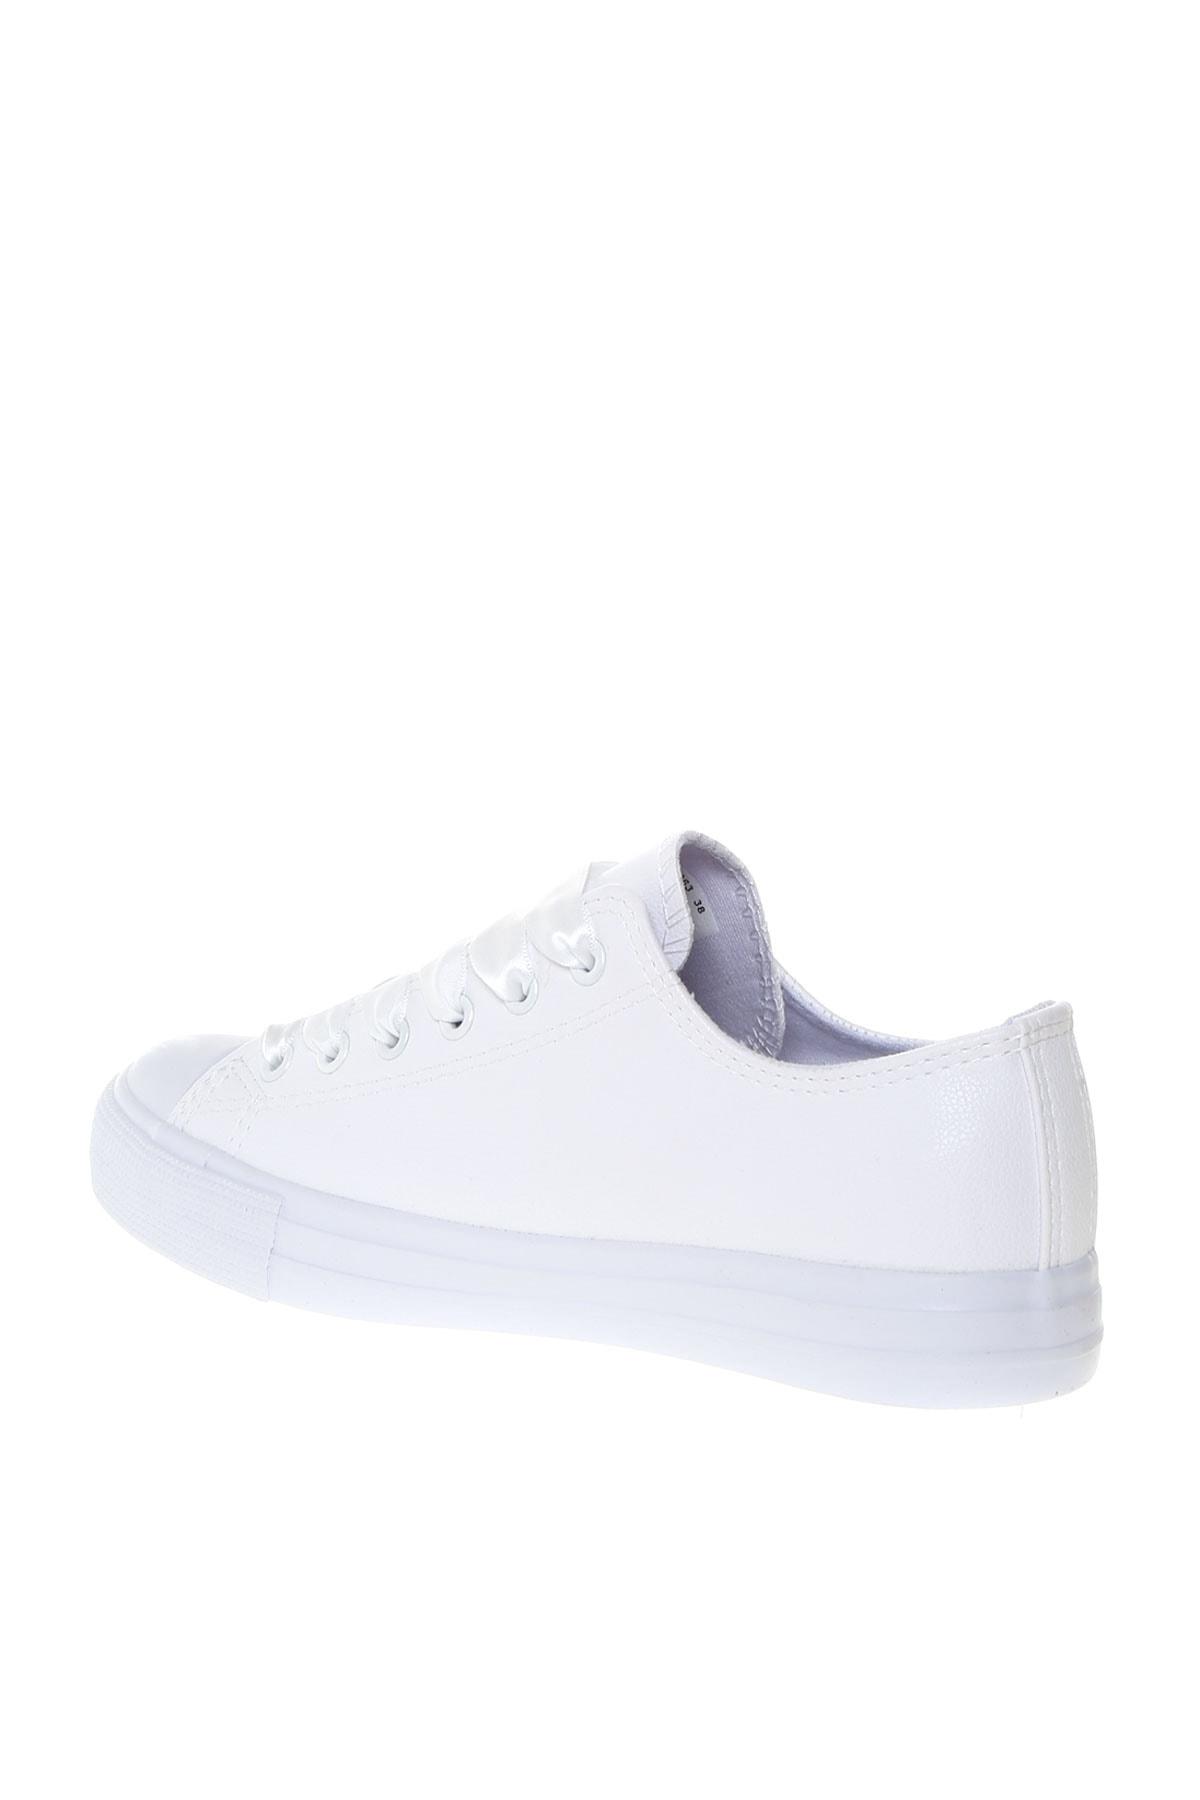 lumberjack Kadın Beyaz Spor Ayakkabı 2